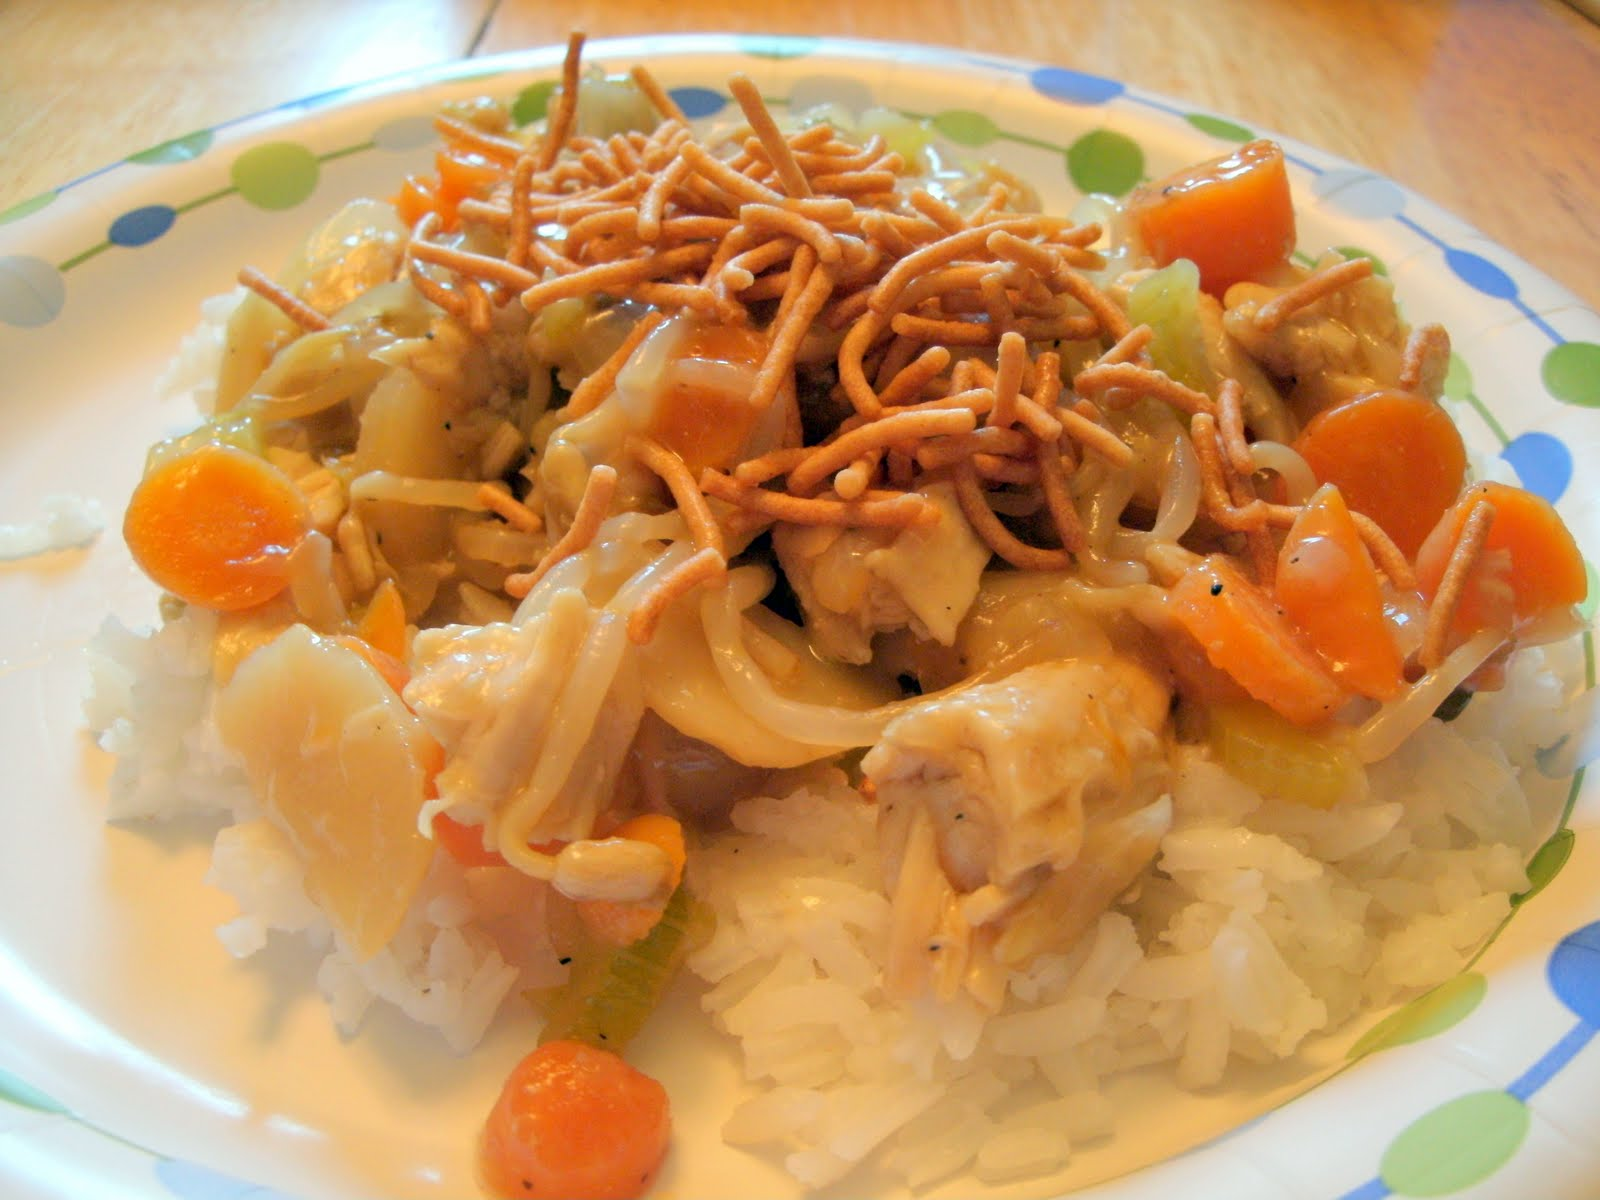 lo Mein Chow Mein Chop Suey Chop Suey Chicken Chow Mein